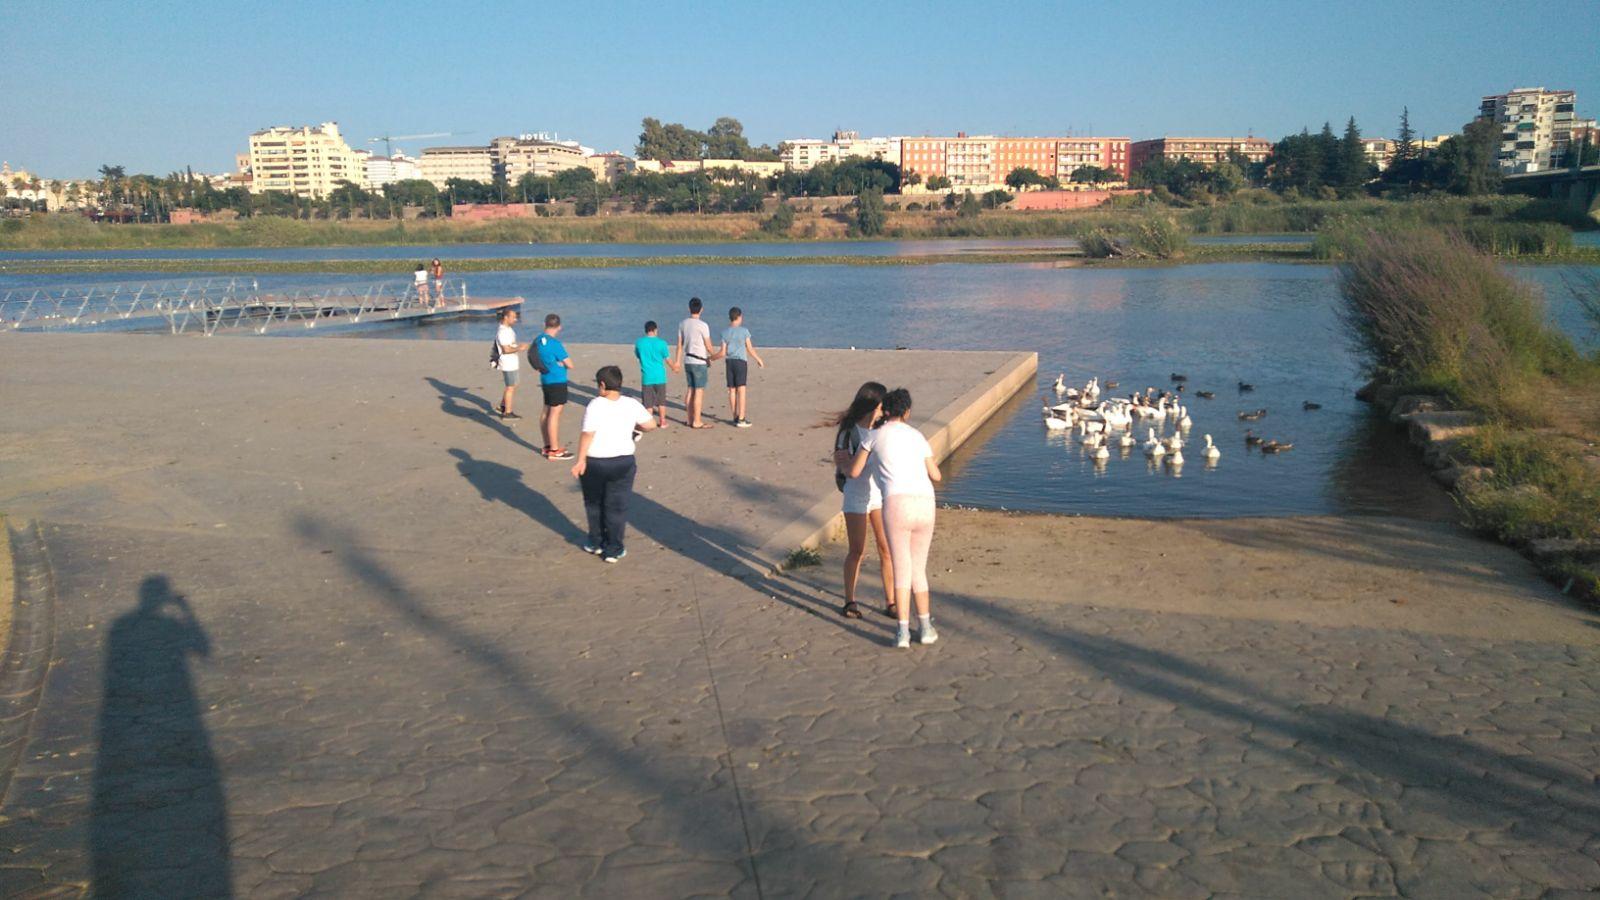 Ir a : Plena inclusión Extremadura denuncia la carencia de campamentos de verano, urbanos y vacacionales, inclusivos